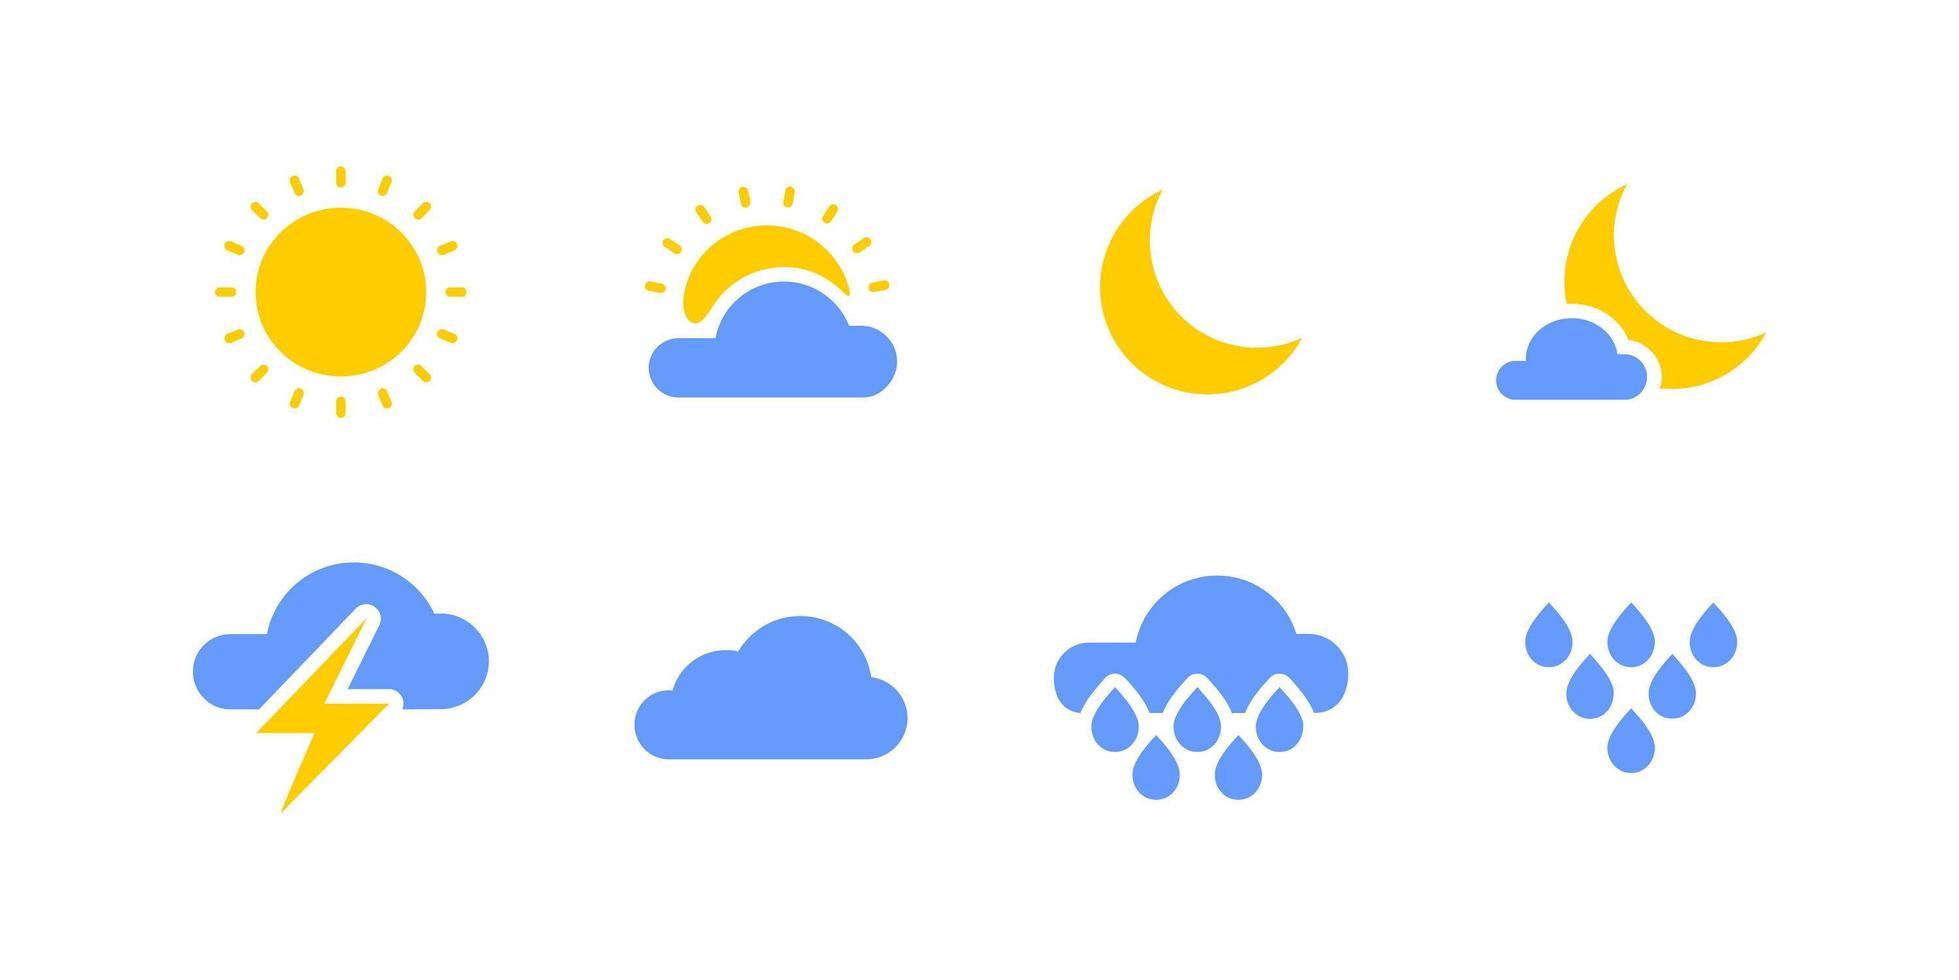 jeu d'icônes météo colorées vecteur